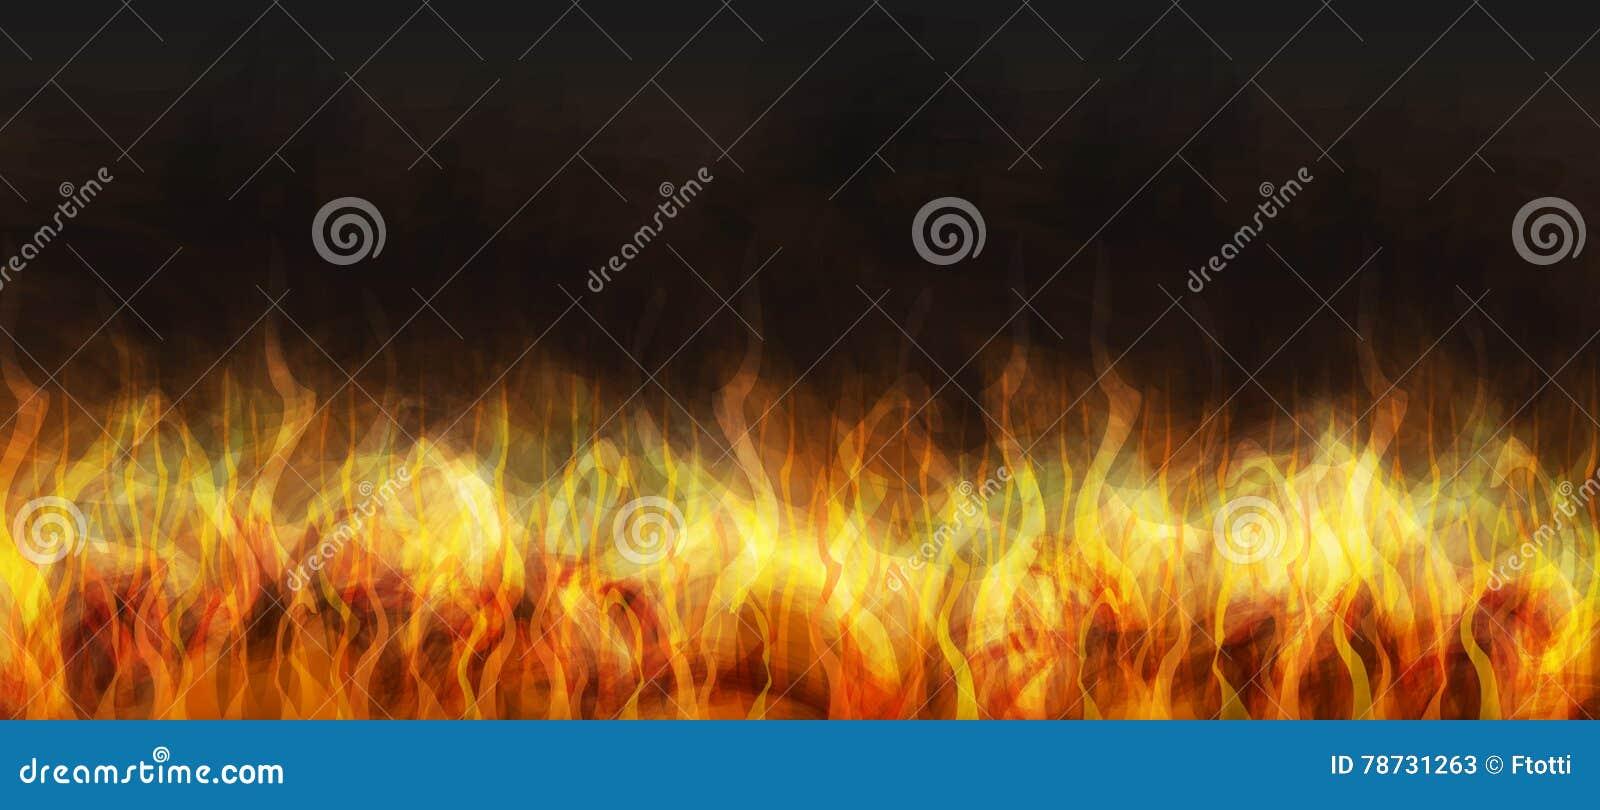 Realistisk brand på en mörk bakgrund